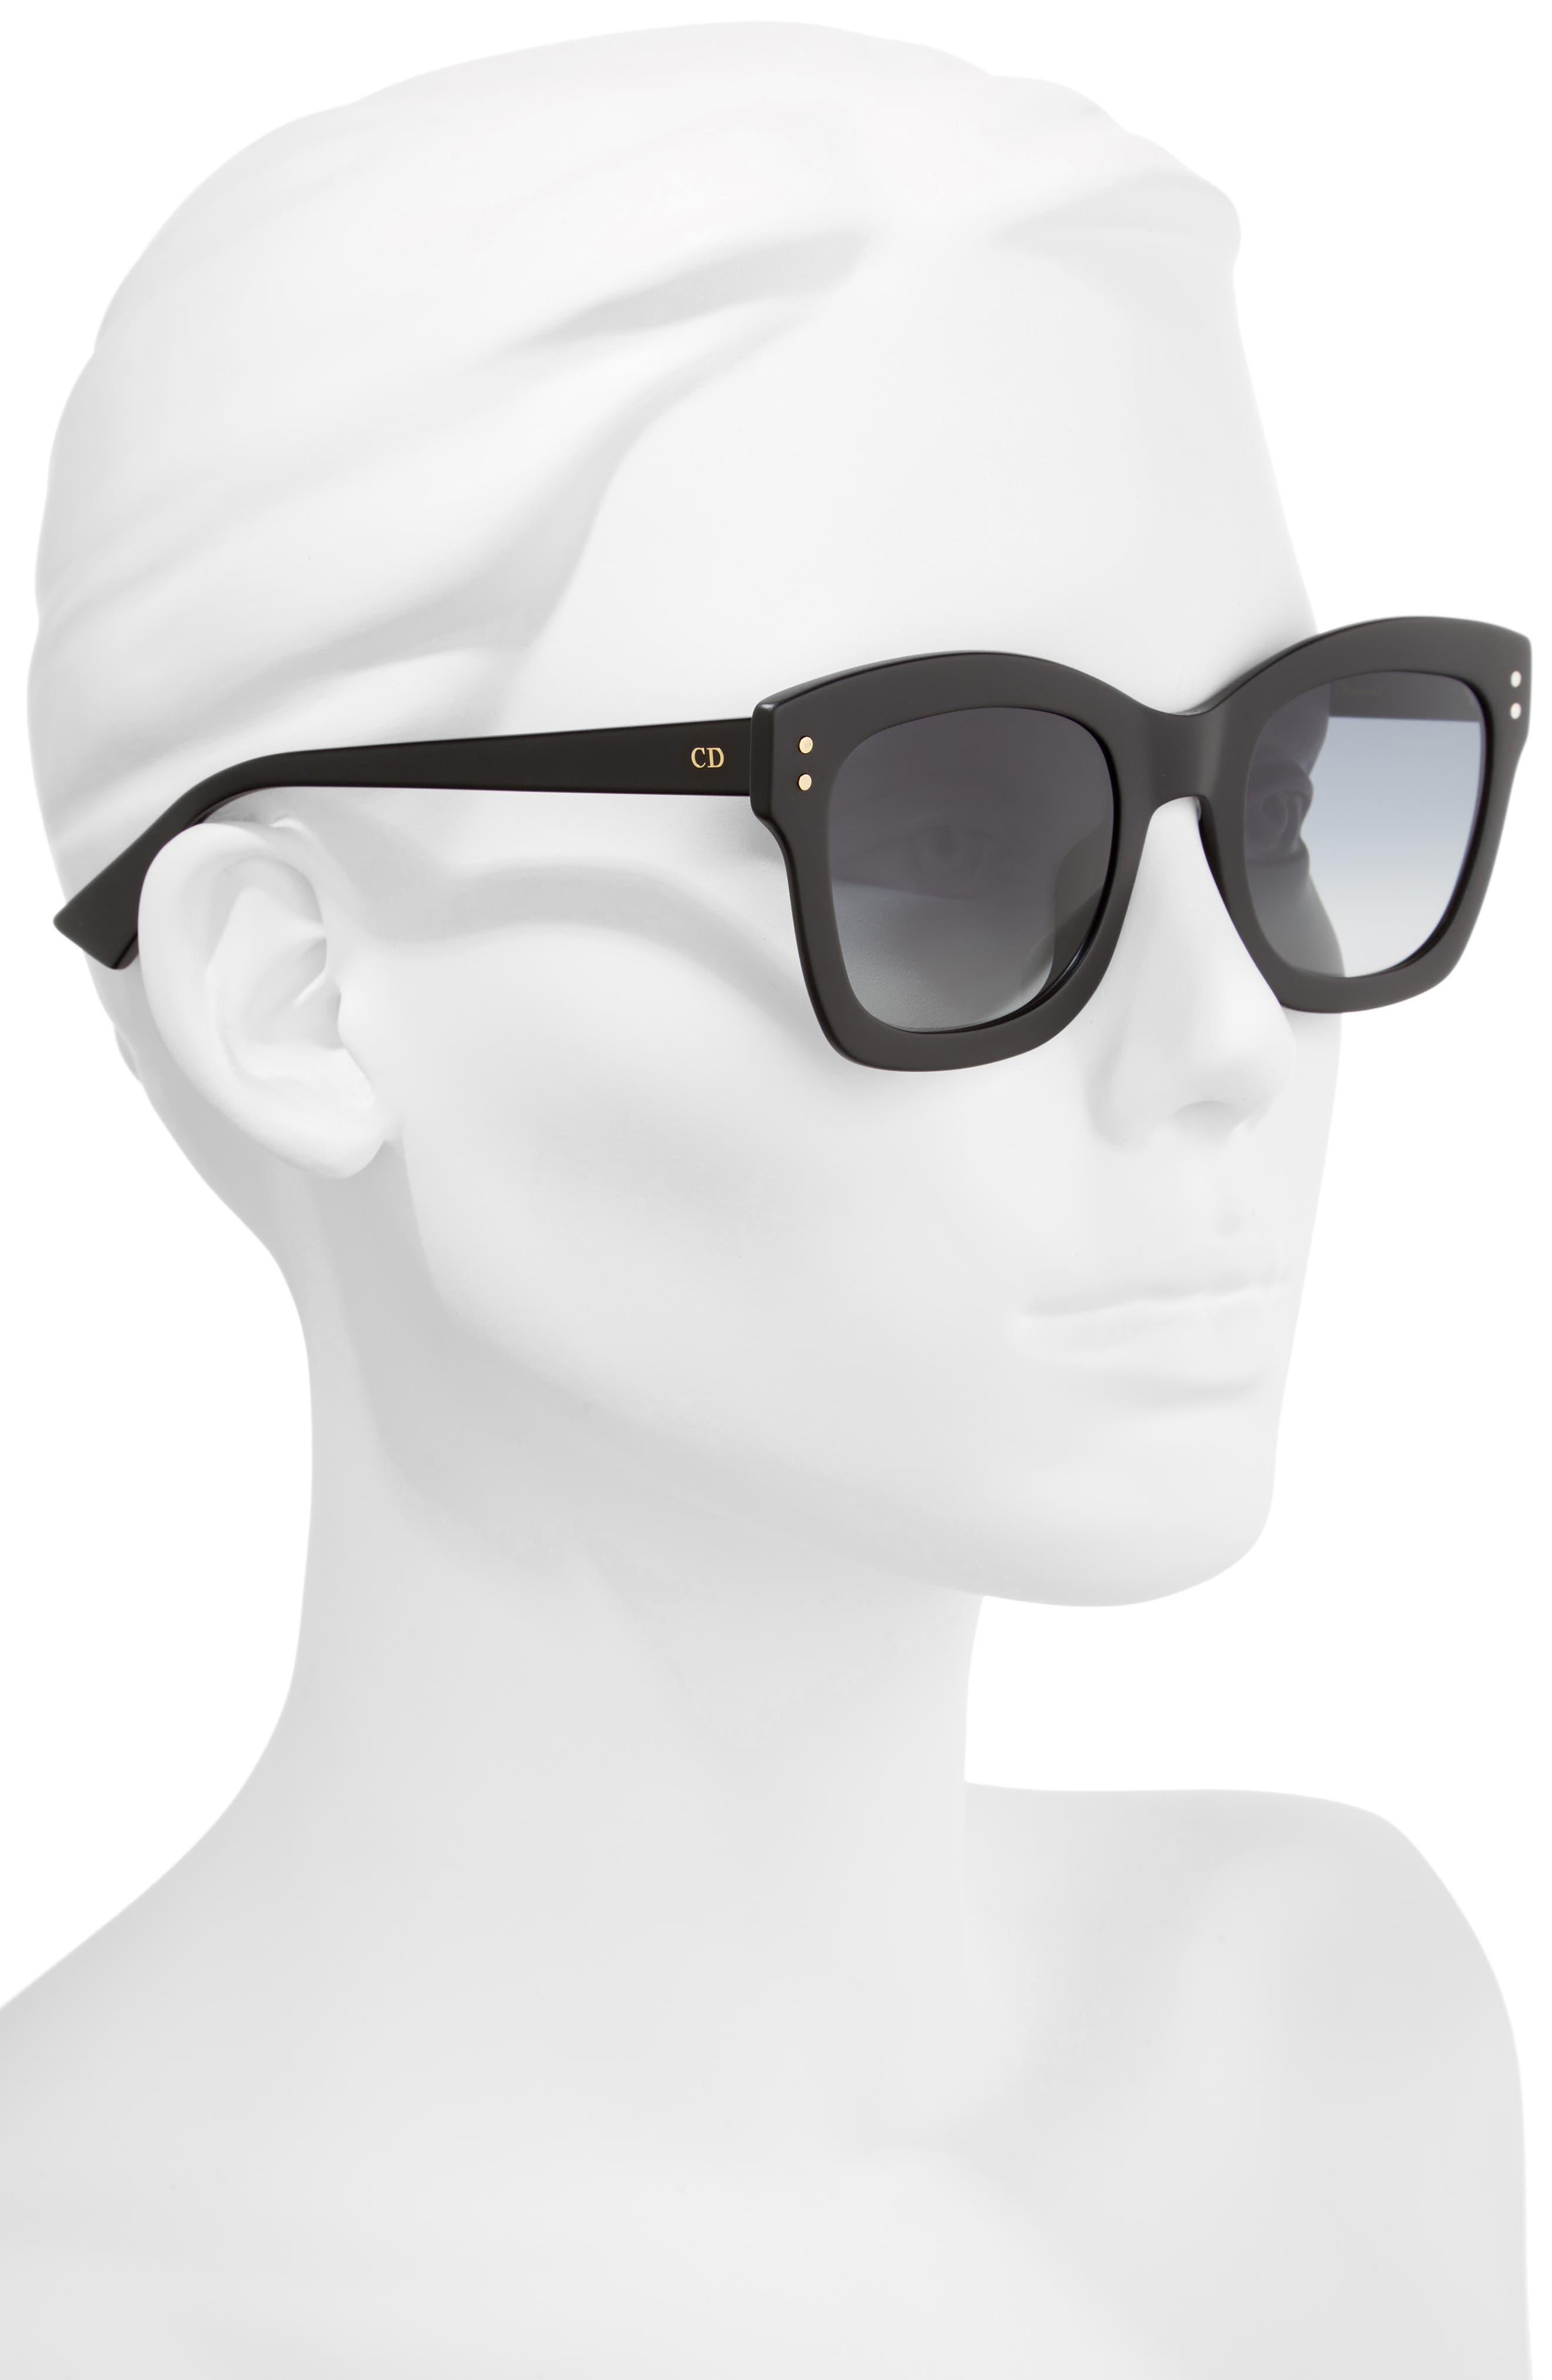 Izon 51mm Sunglasses,                             Alternate thumbnail 2, color,                             Black